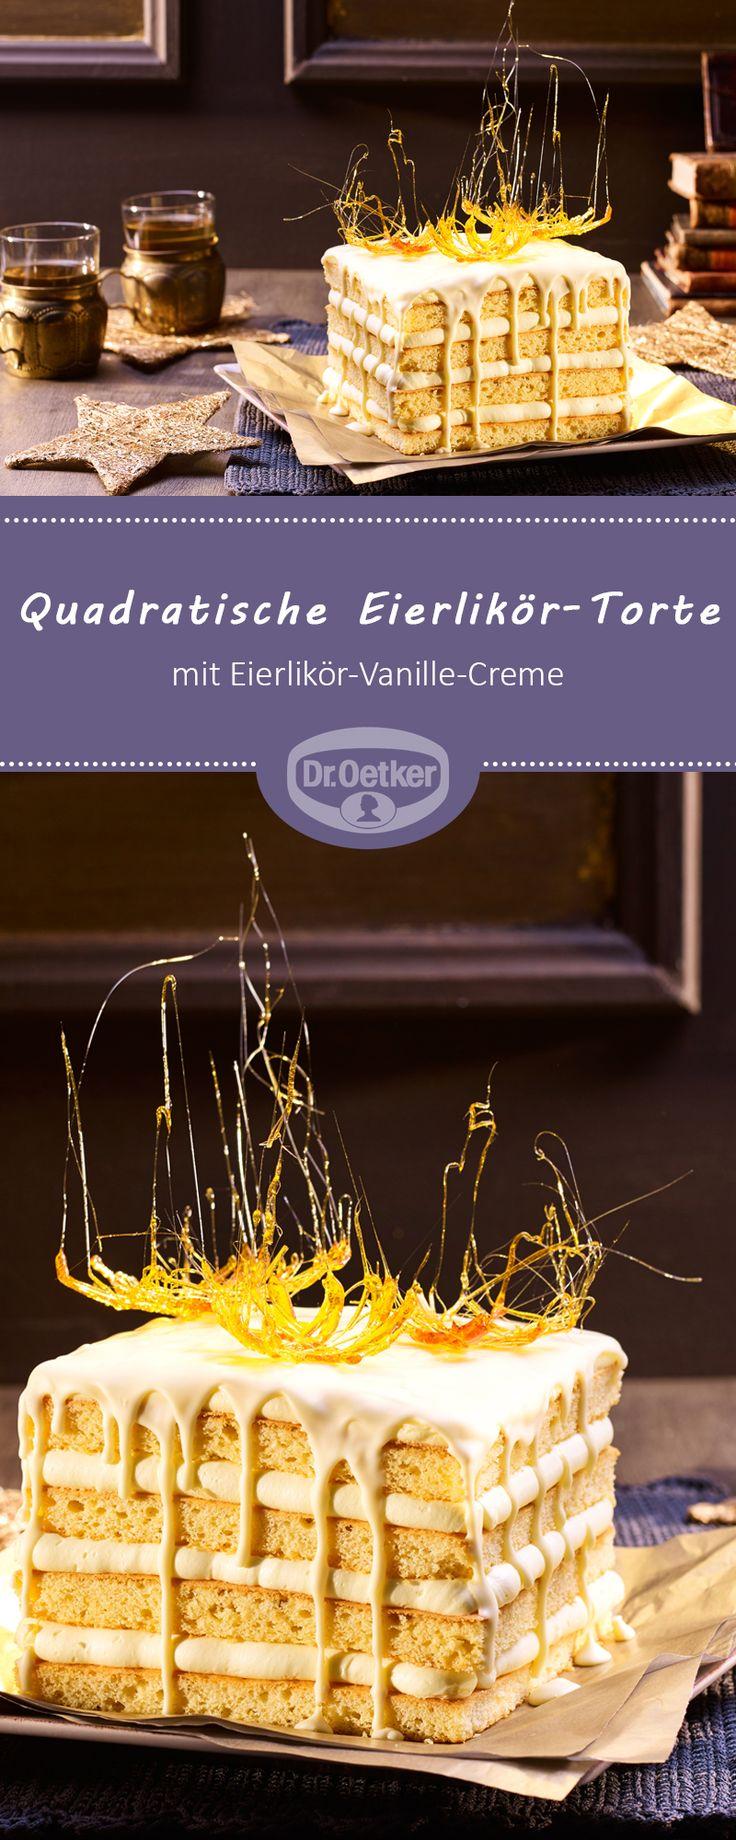 Quadratische Eierlikör-Torte: Torte gefüllt mit Eierlikör-Vanille-Creme in quadratischer Form